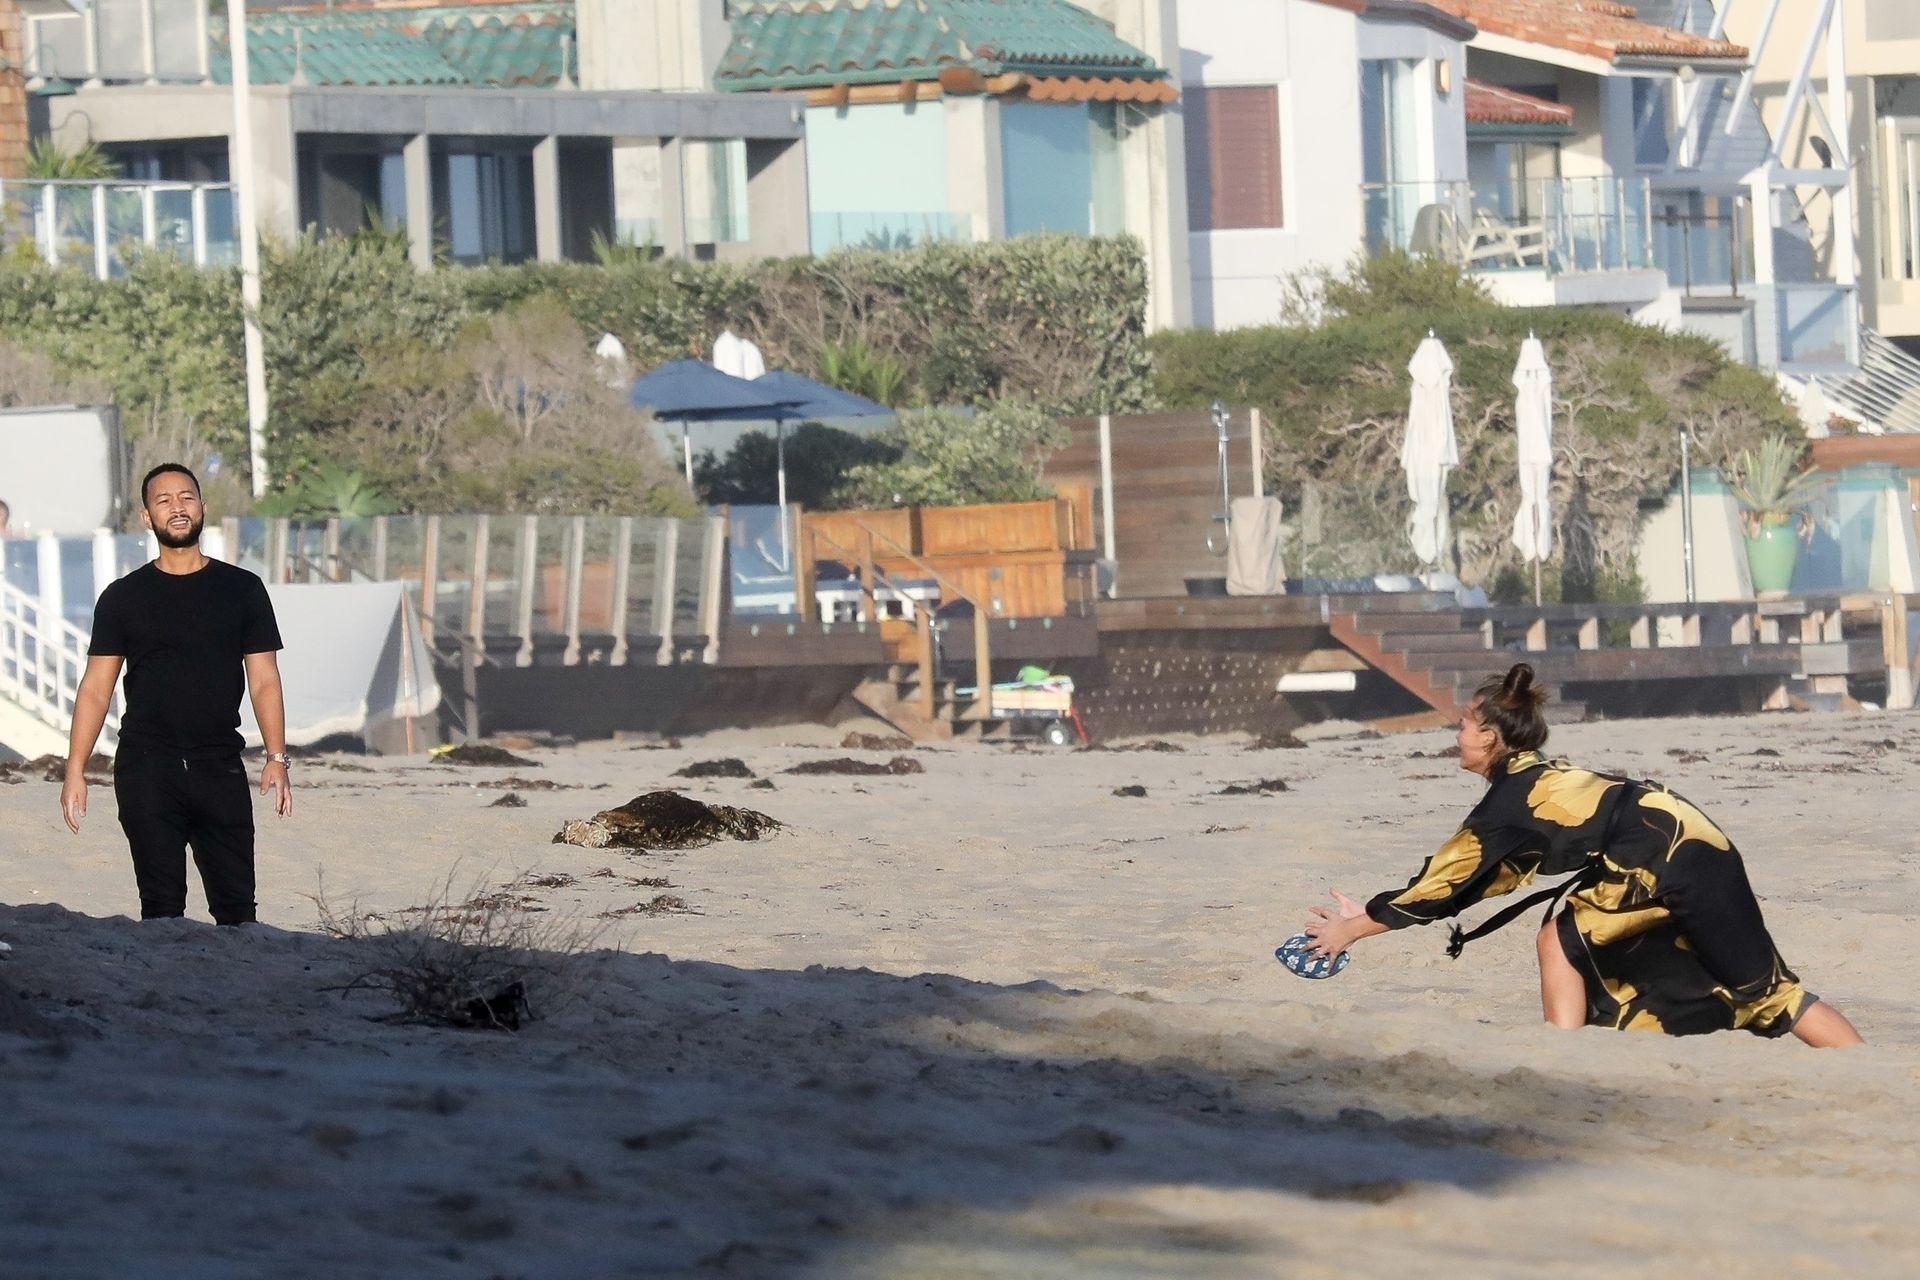 Chrissy Teigen Enjoys A Beach Day In Malibu Amid All Coronavirus Chaos 0023